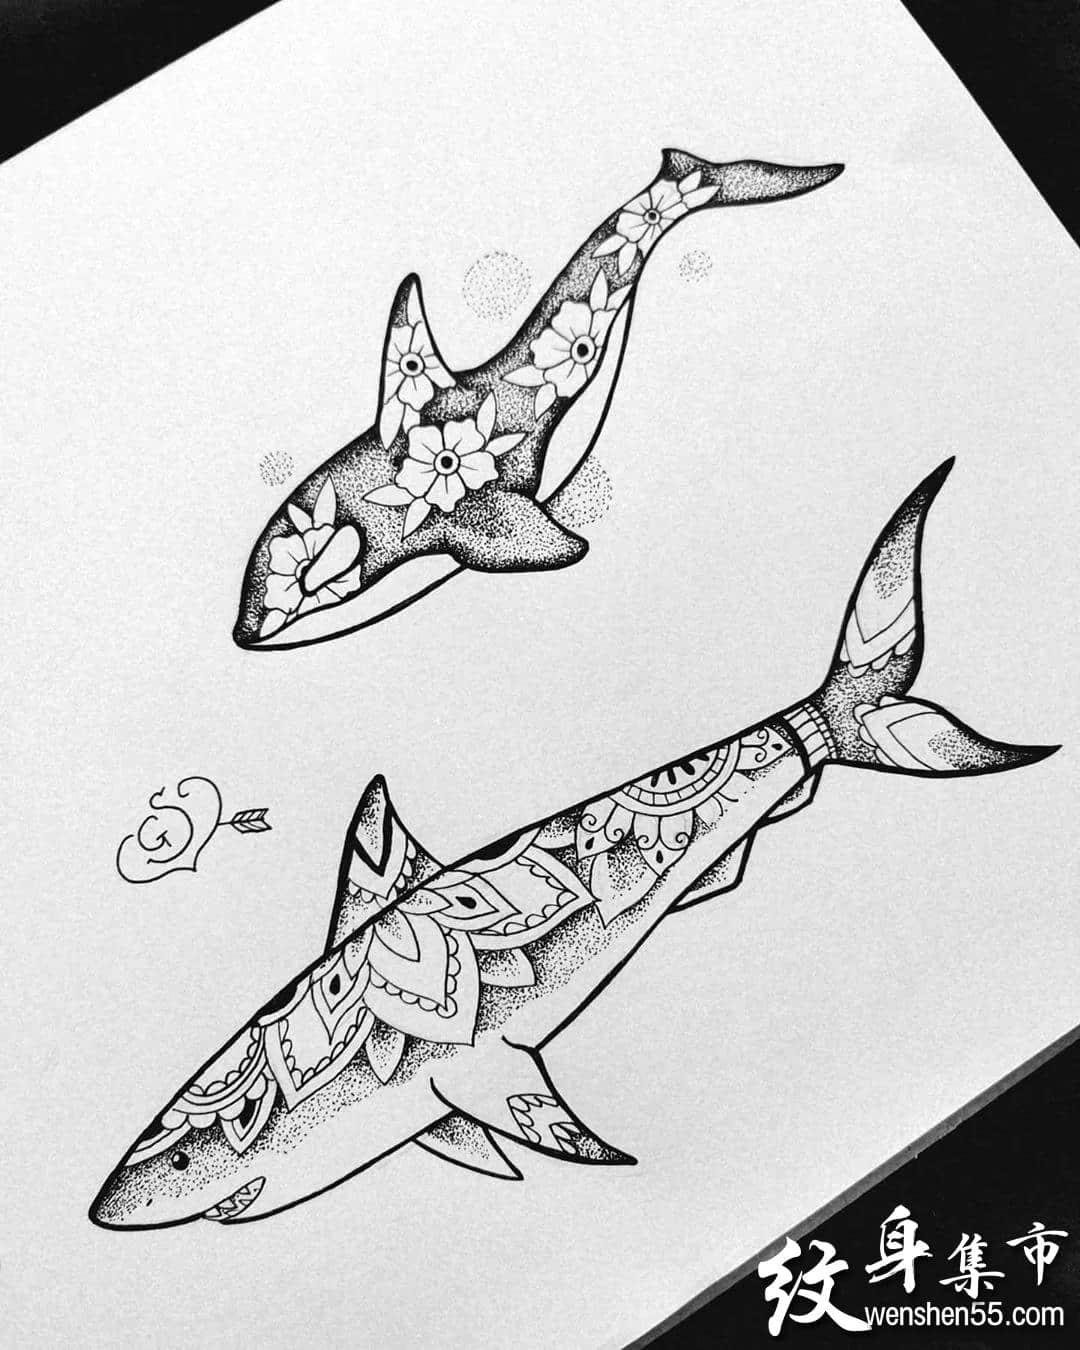 鲸鱼纹身,鲸鱼纹身手稿,鲸鱼纹身手稿图案